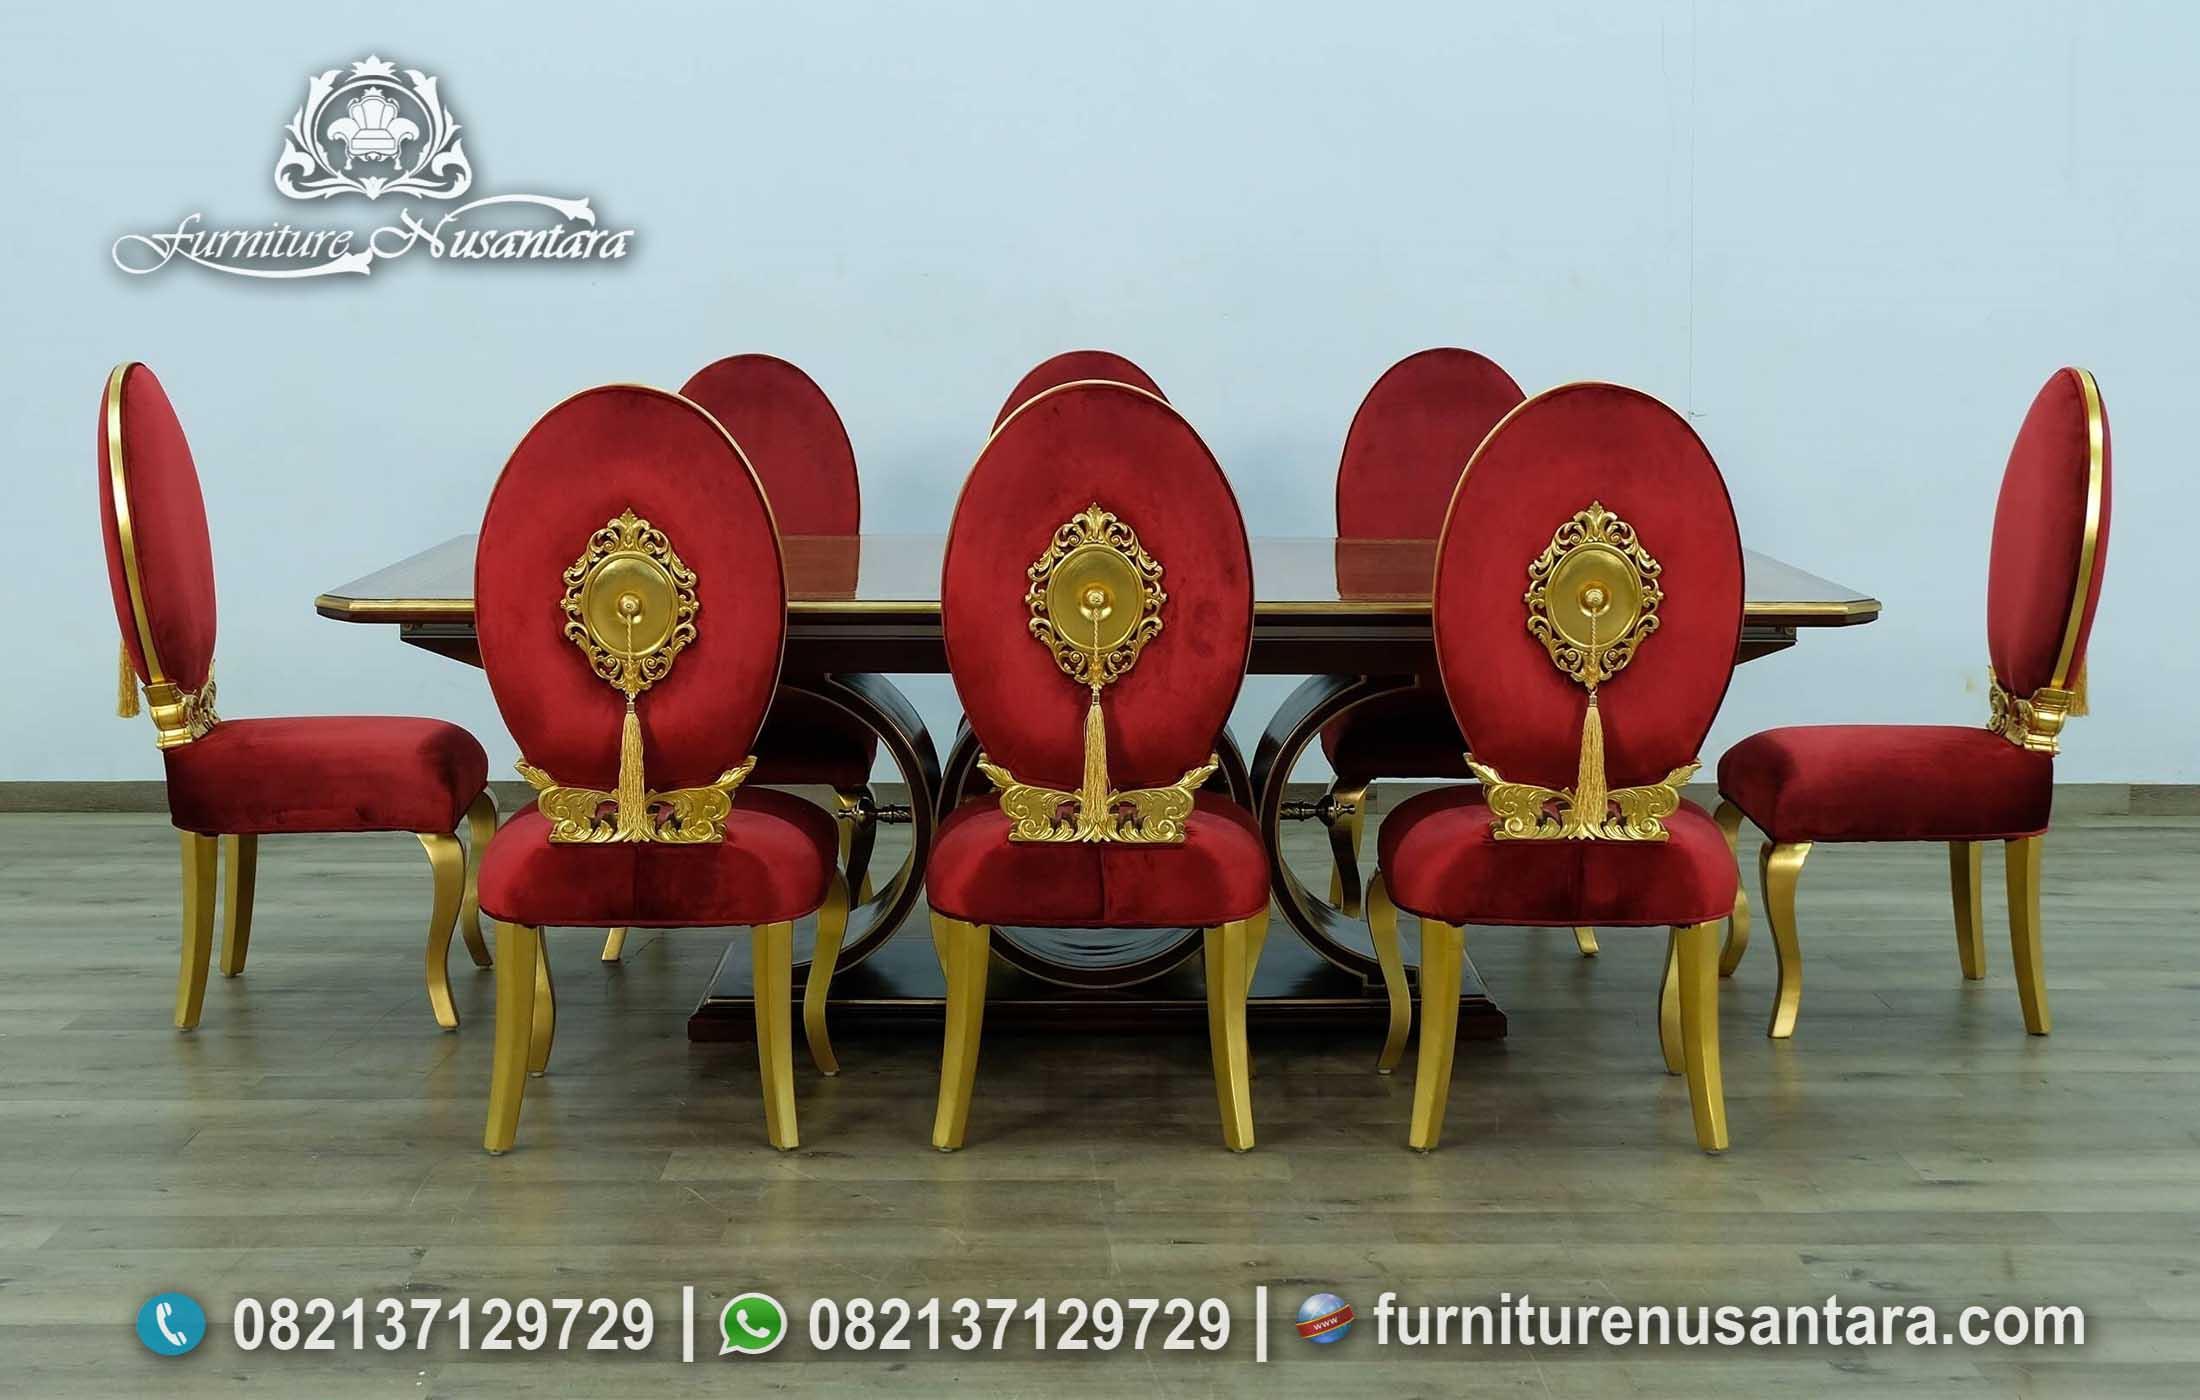 Desain Mewah Meja Makan Ala Cina 8 Kursi MM-121